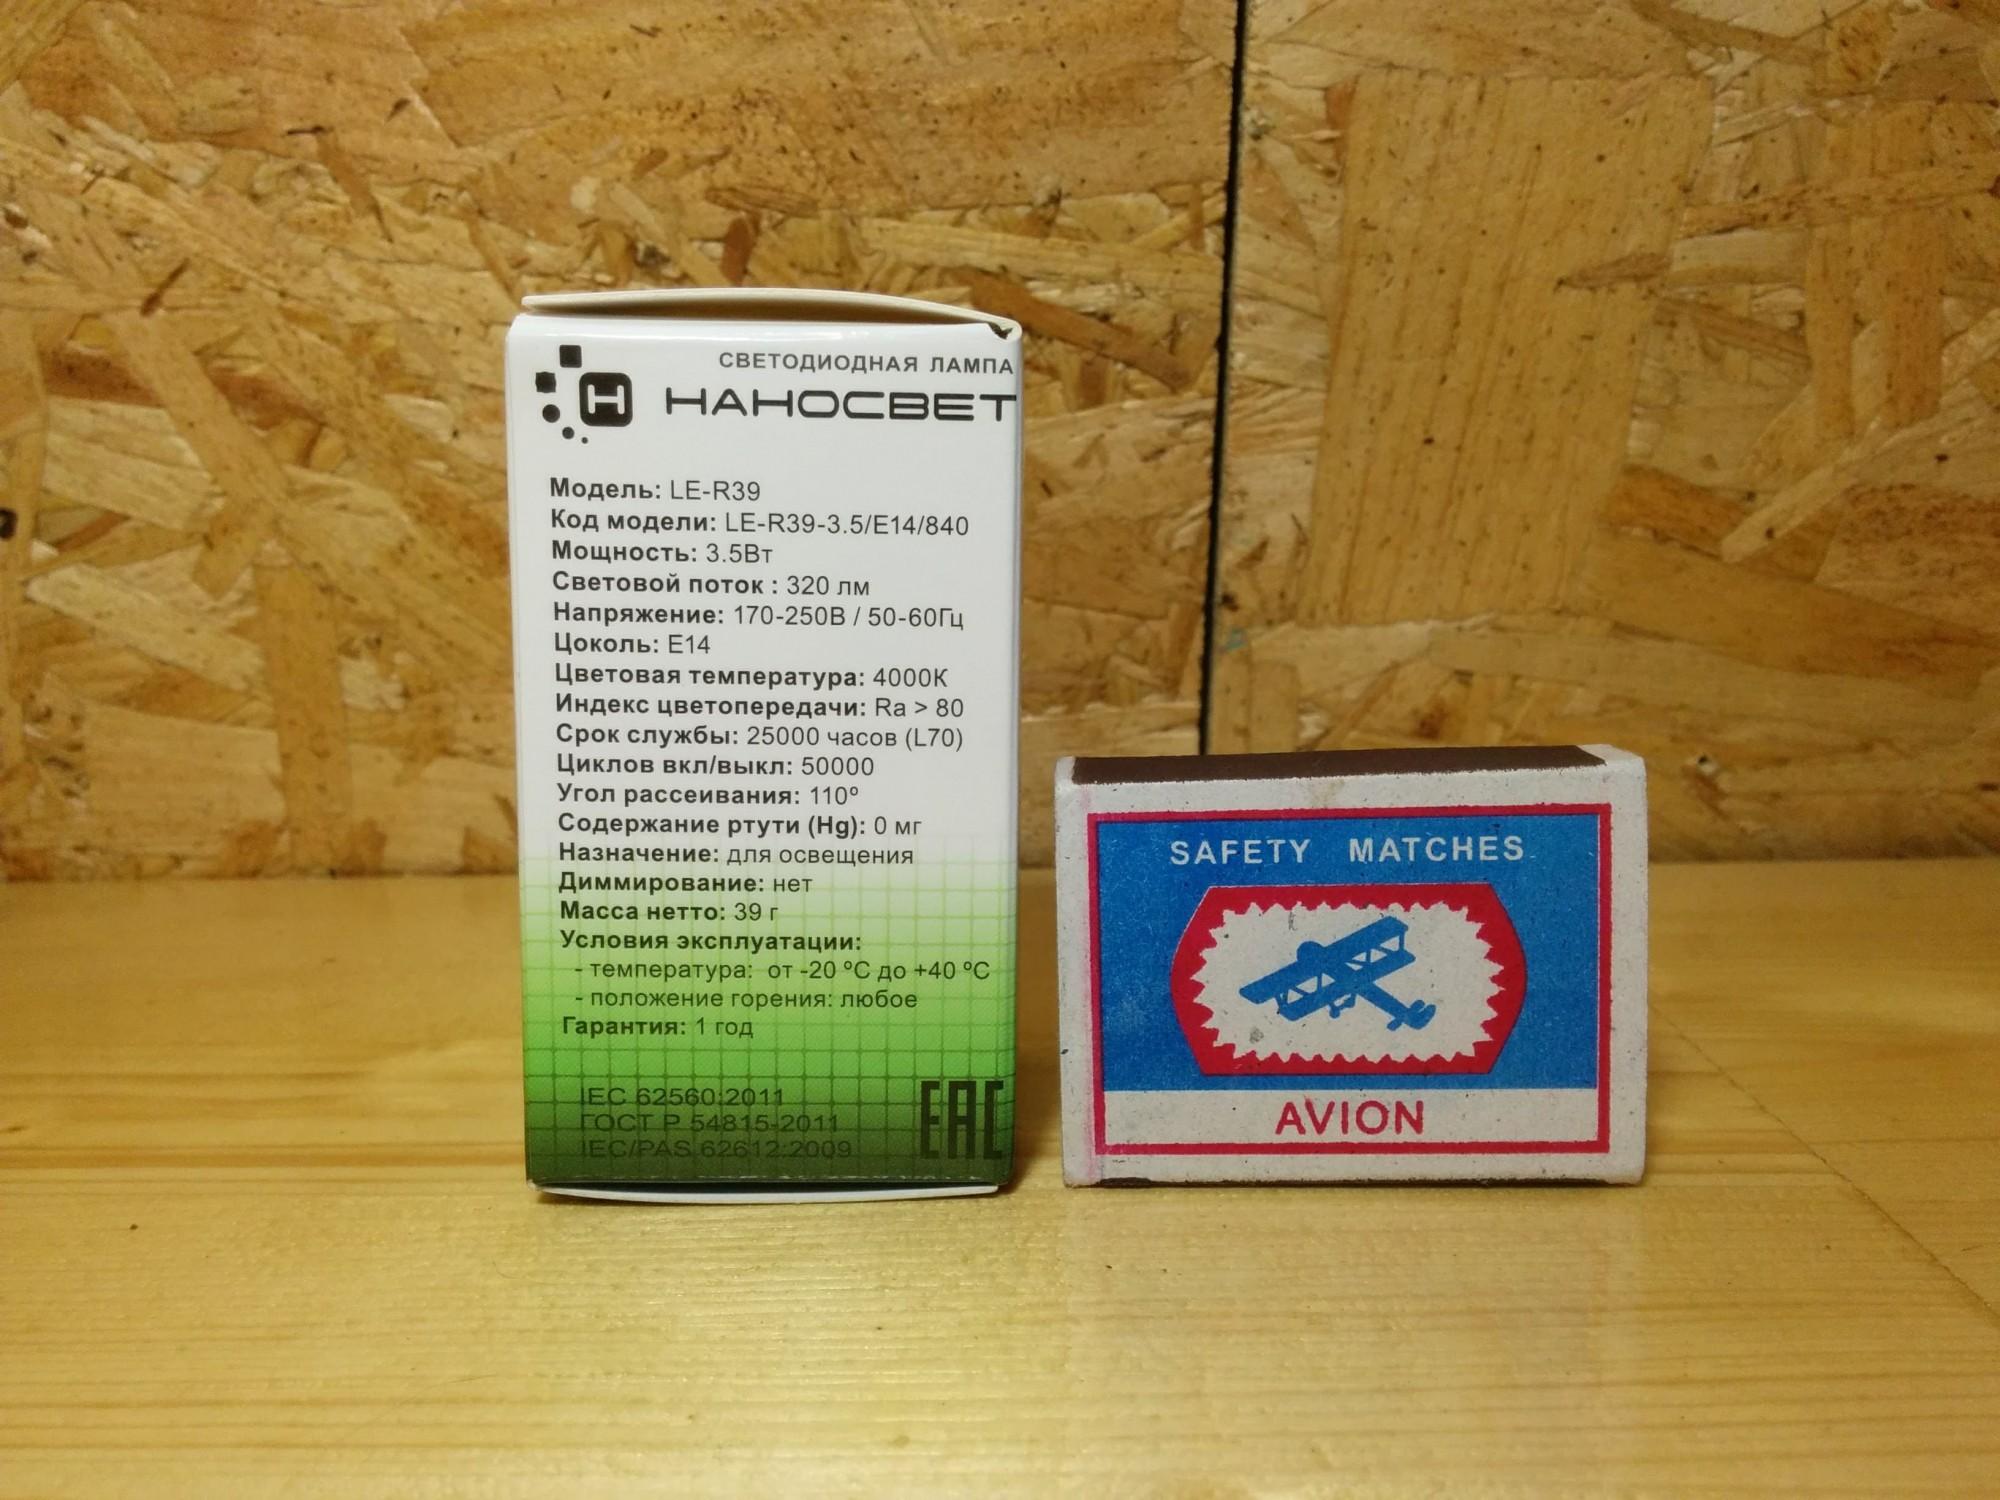 НАНОСВЕТ LE-R39-3.5/E14/840 характеристики